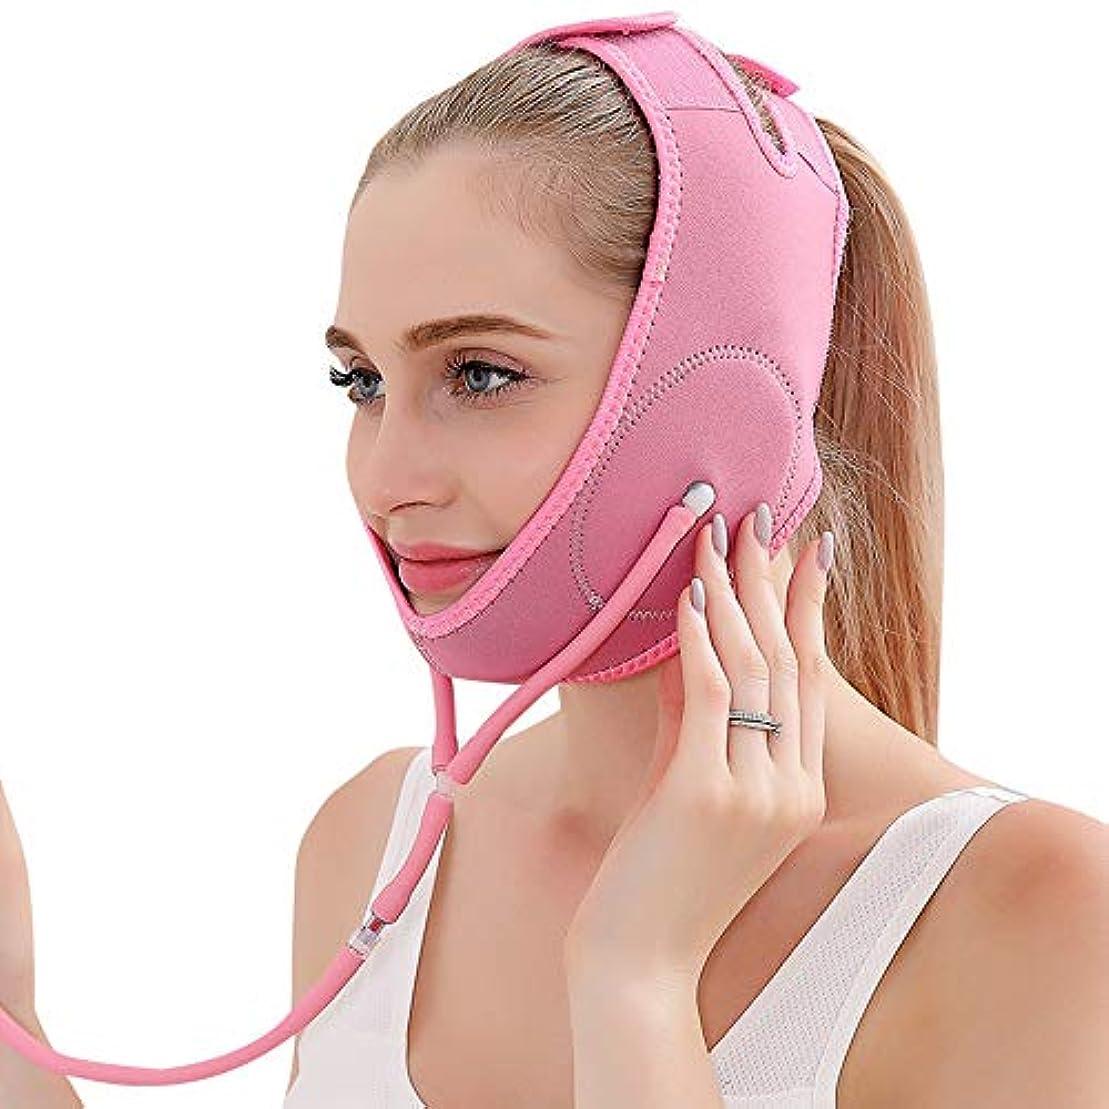 保全責任特徴YOE(ヨイ) エアー 顔やせ マスク 小顔 ほうれい線 空気入れ エアーポンプ 顔のエクササイズ フェイスリフト レディース (フリーサイズ, ピンク)